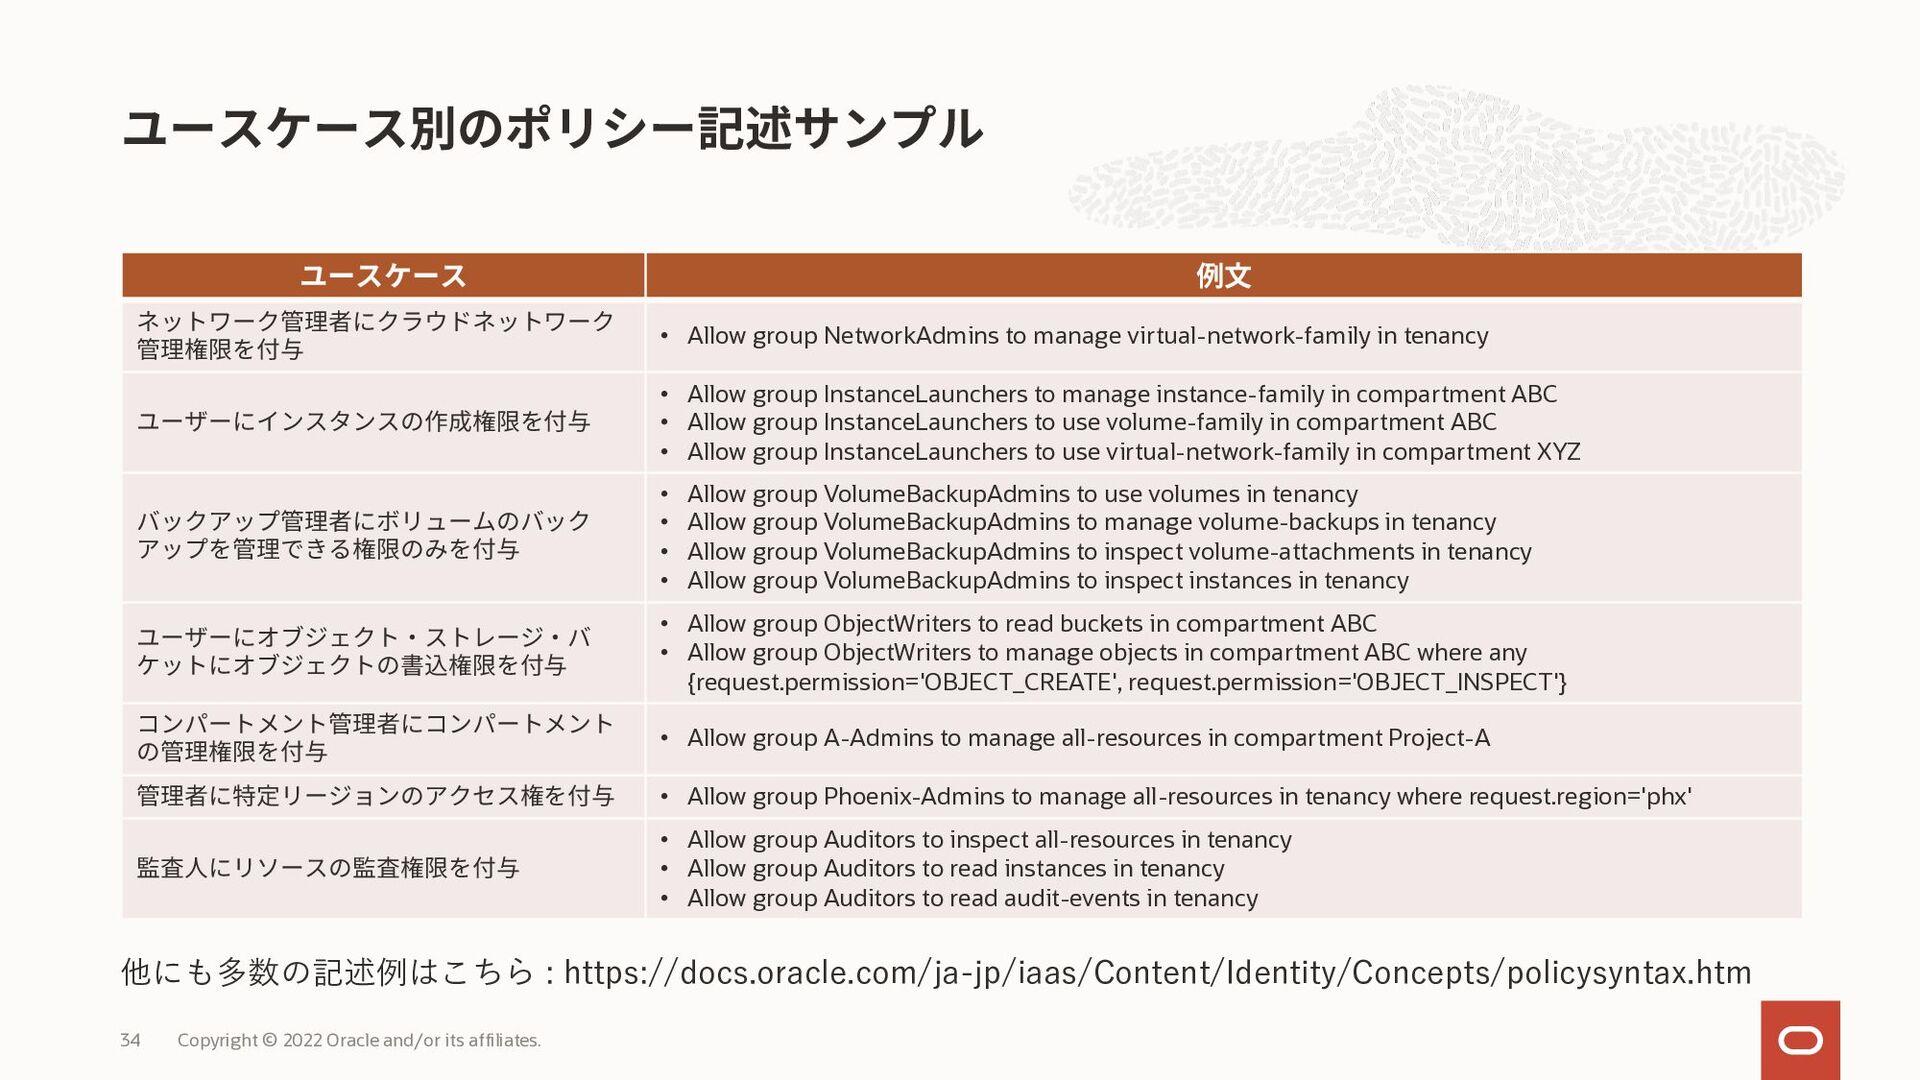 OCIを使用するにあたって、主に使用する認証およびID管理サービスは下記の2つ A) Orac...